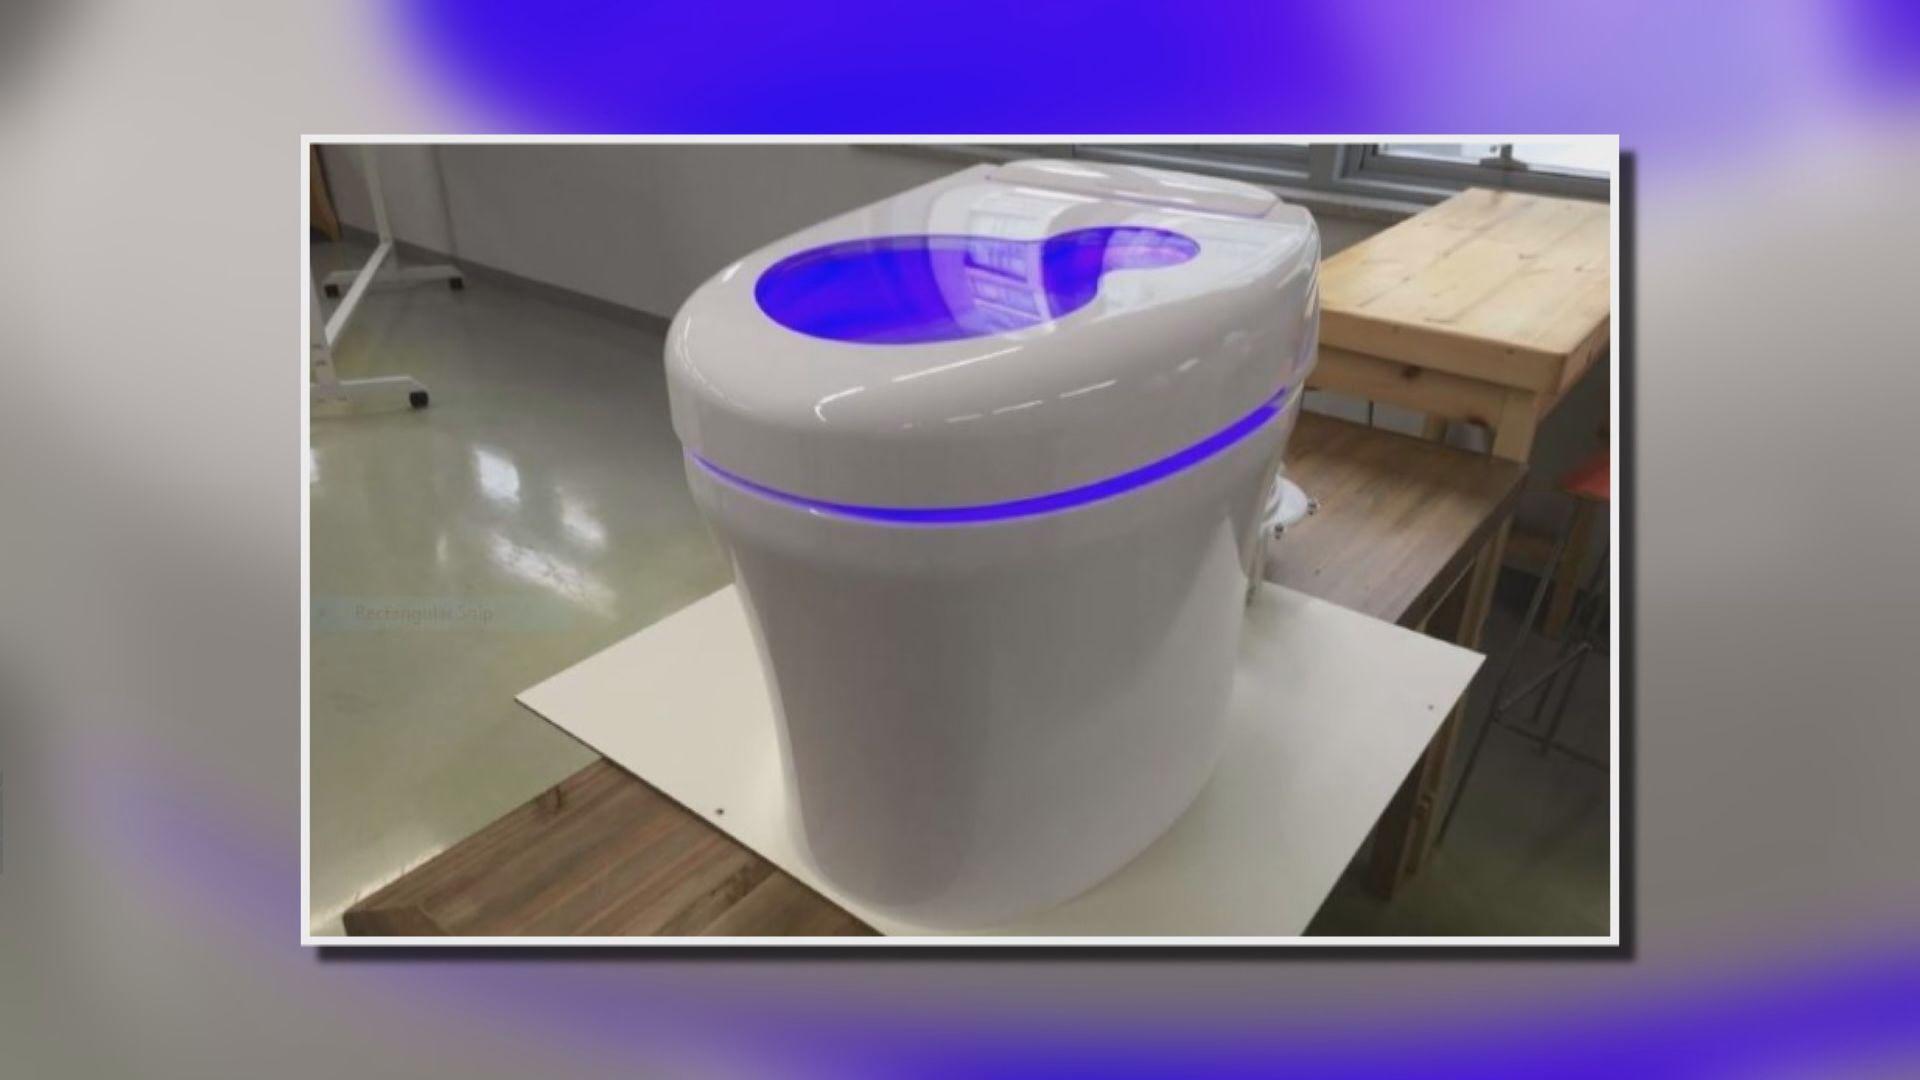 【環球薈報】南韓大學教授設計環保廁所